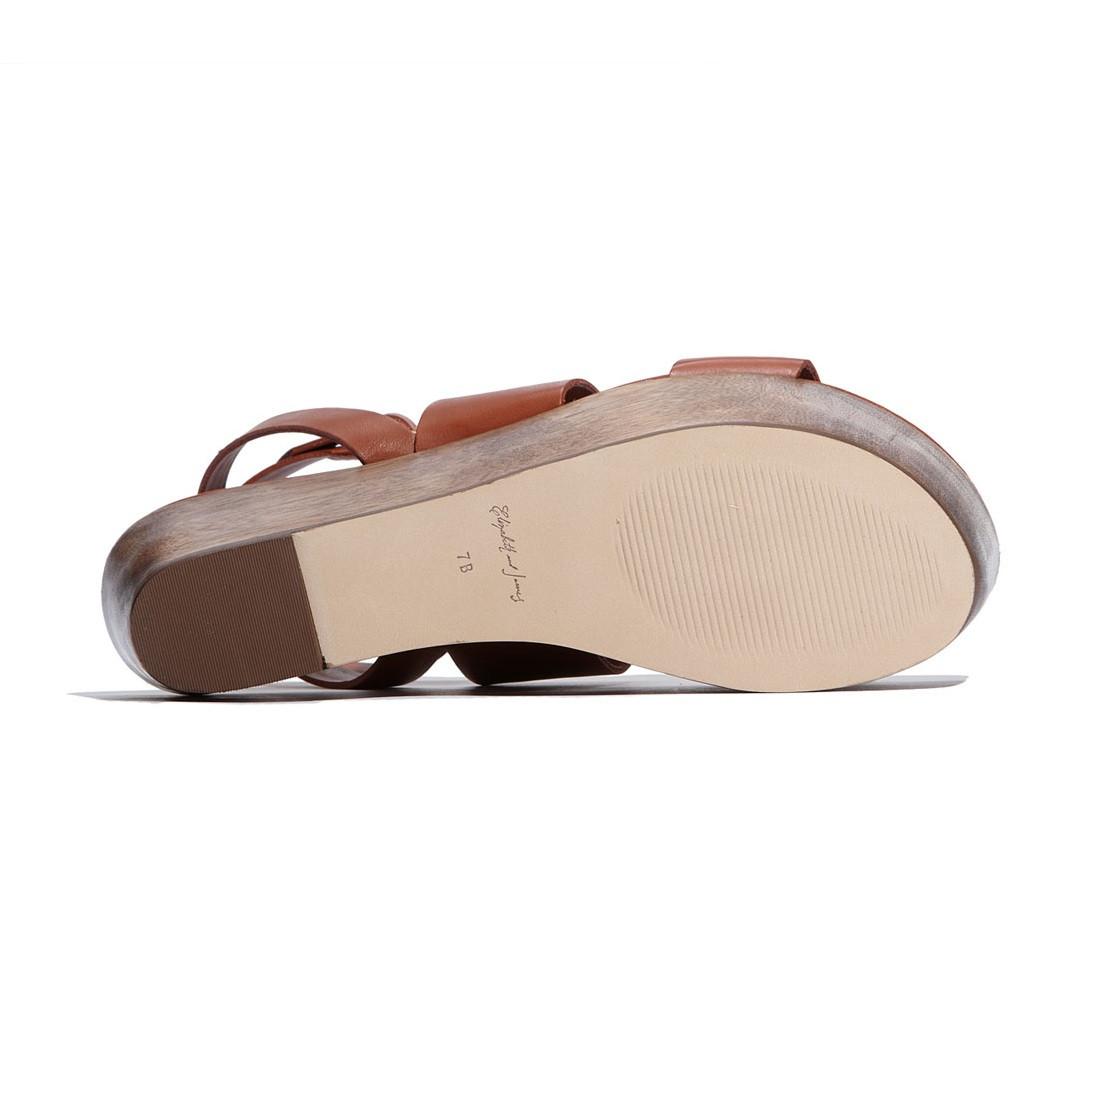 417f13969 Elizabeth and James Bax Platform Sandal. Price   265.00. Image 1. Larger    More Photos